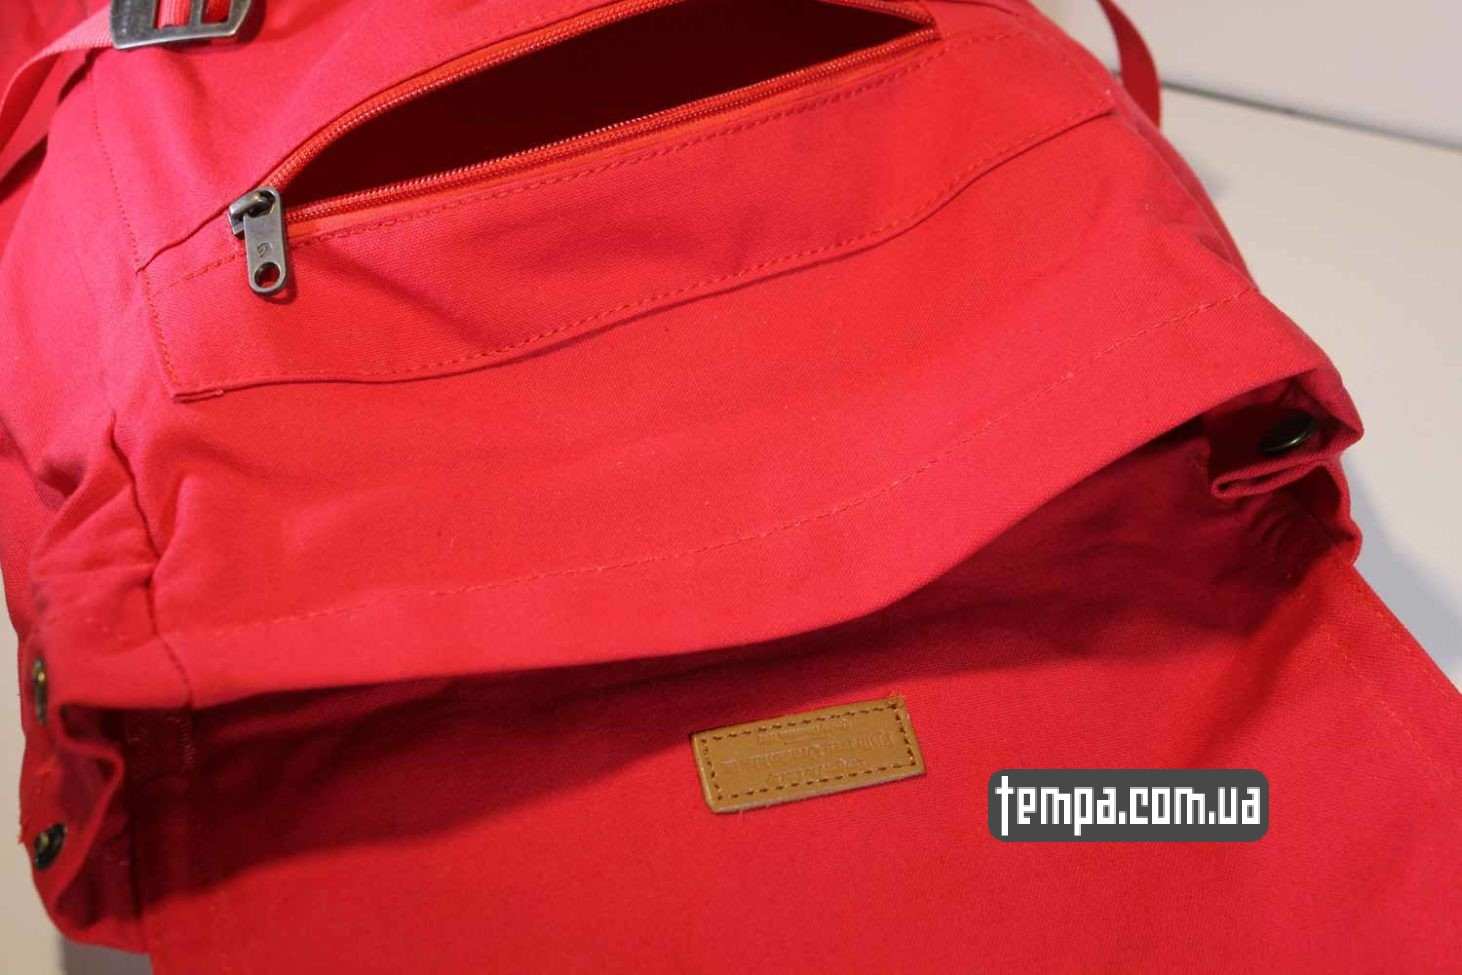 унисекс школьный для университета рюкзак сумка Fjällräven Foldsack No.1 Ox красная